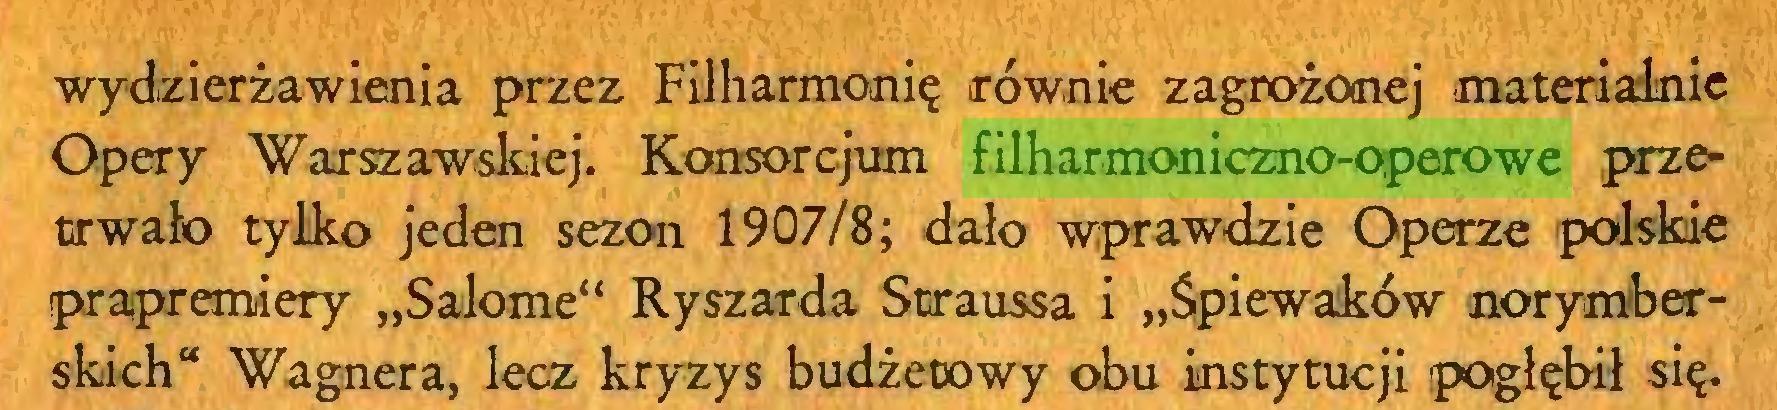 """(...) ■wydzierżawienia przez Filharmonię równie zagrożonej materialnie Opery 'Warszawskiej. Konsorcjum filharmoniczno-operowe przetrwało tylko jeden sezon 1907/8; dało wprawdzie Operze polskie prapremiery """"Salome"""" Ryszarda Straussa i """"Śpiewaków norymberskich"""" Wagnera, lecz kryzys budżetowy obu instytucji pogłębił się..."""